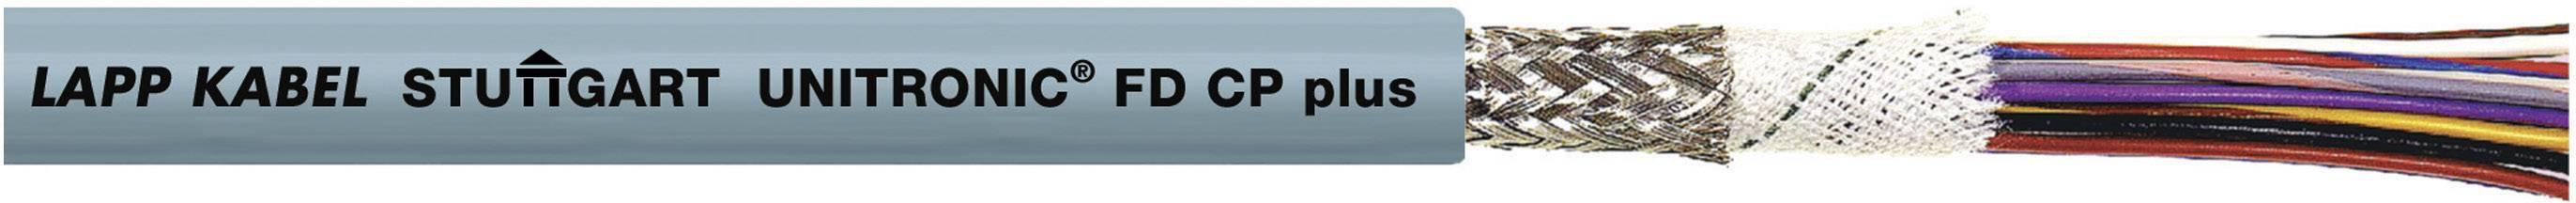 Datový kabel LappKabel UNITRONIC FD CP PLUS 10X0,25 (0028894), 10x 0,25 mm², Ø 8,2 mm, stíněný, 100 m, šedá